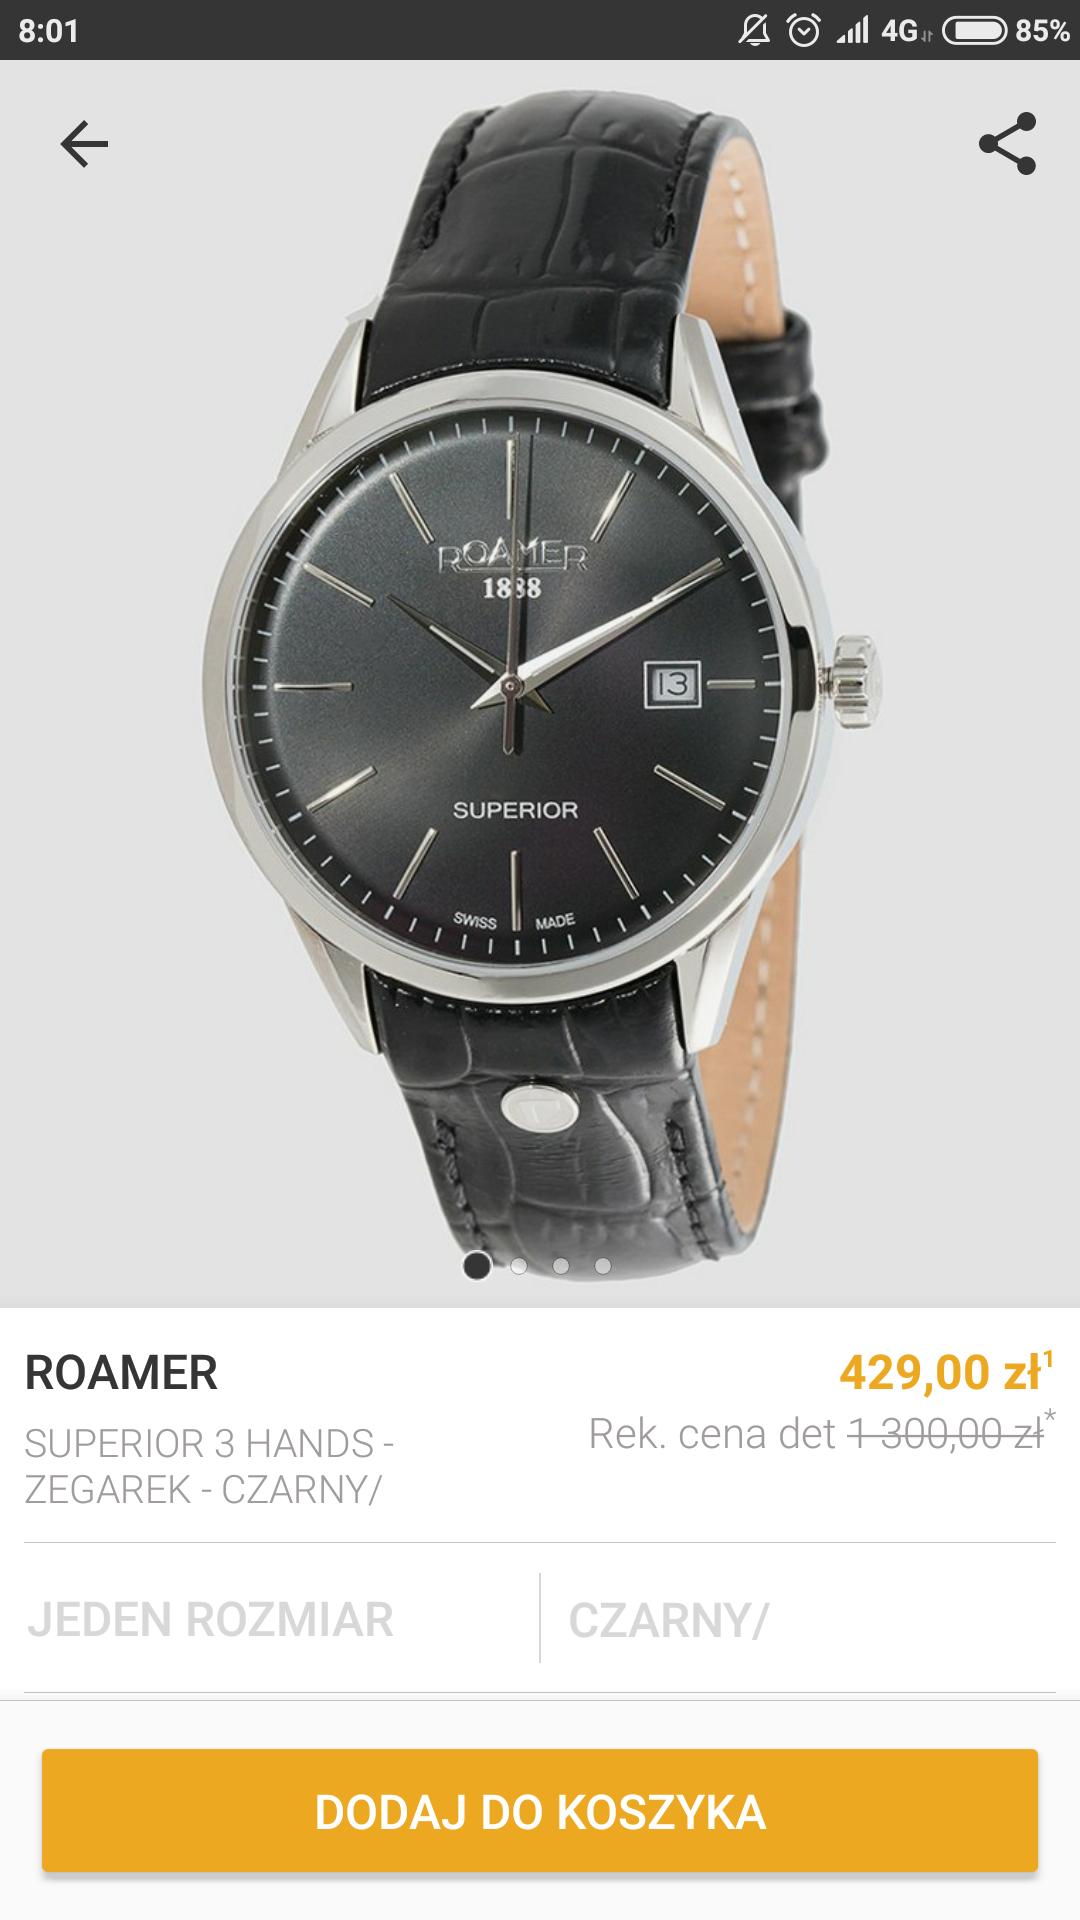 Zegarek męski ROAMER 508833 41 55 05